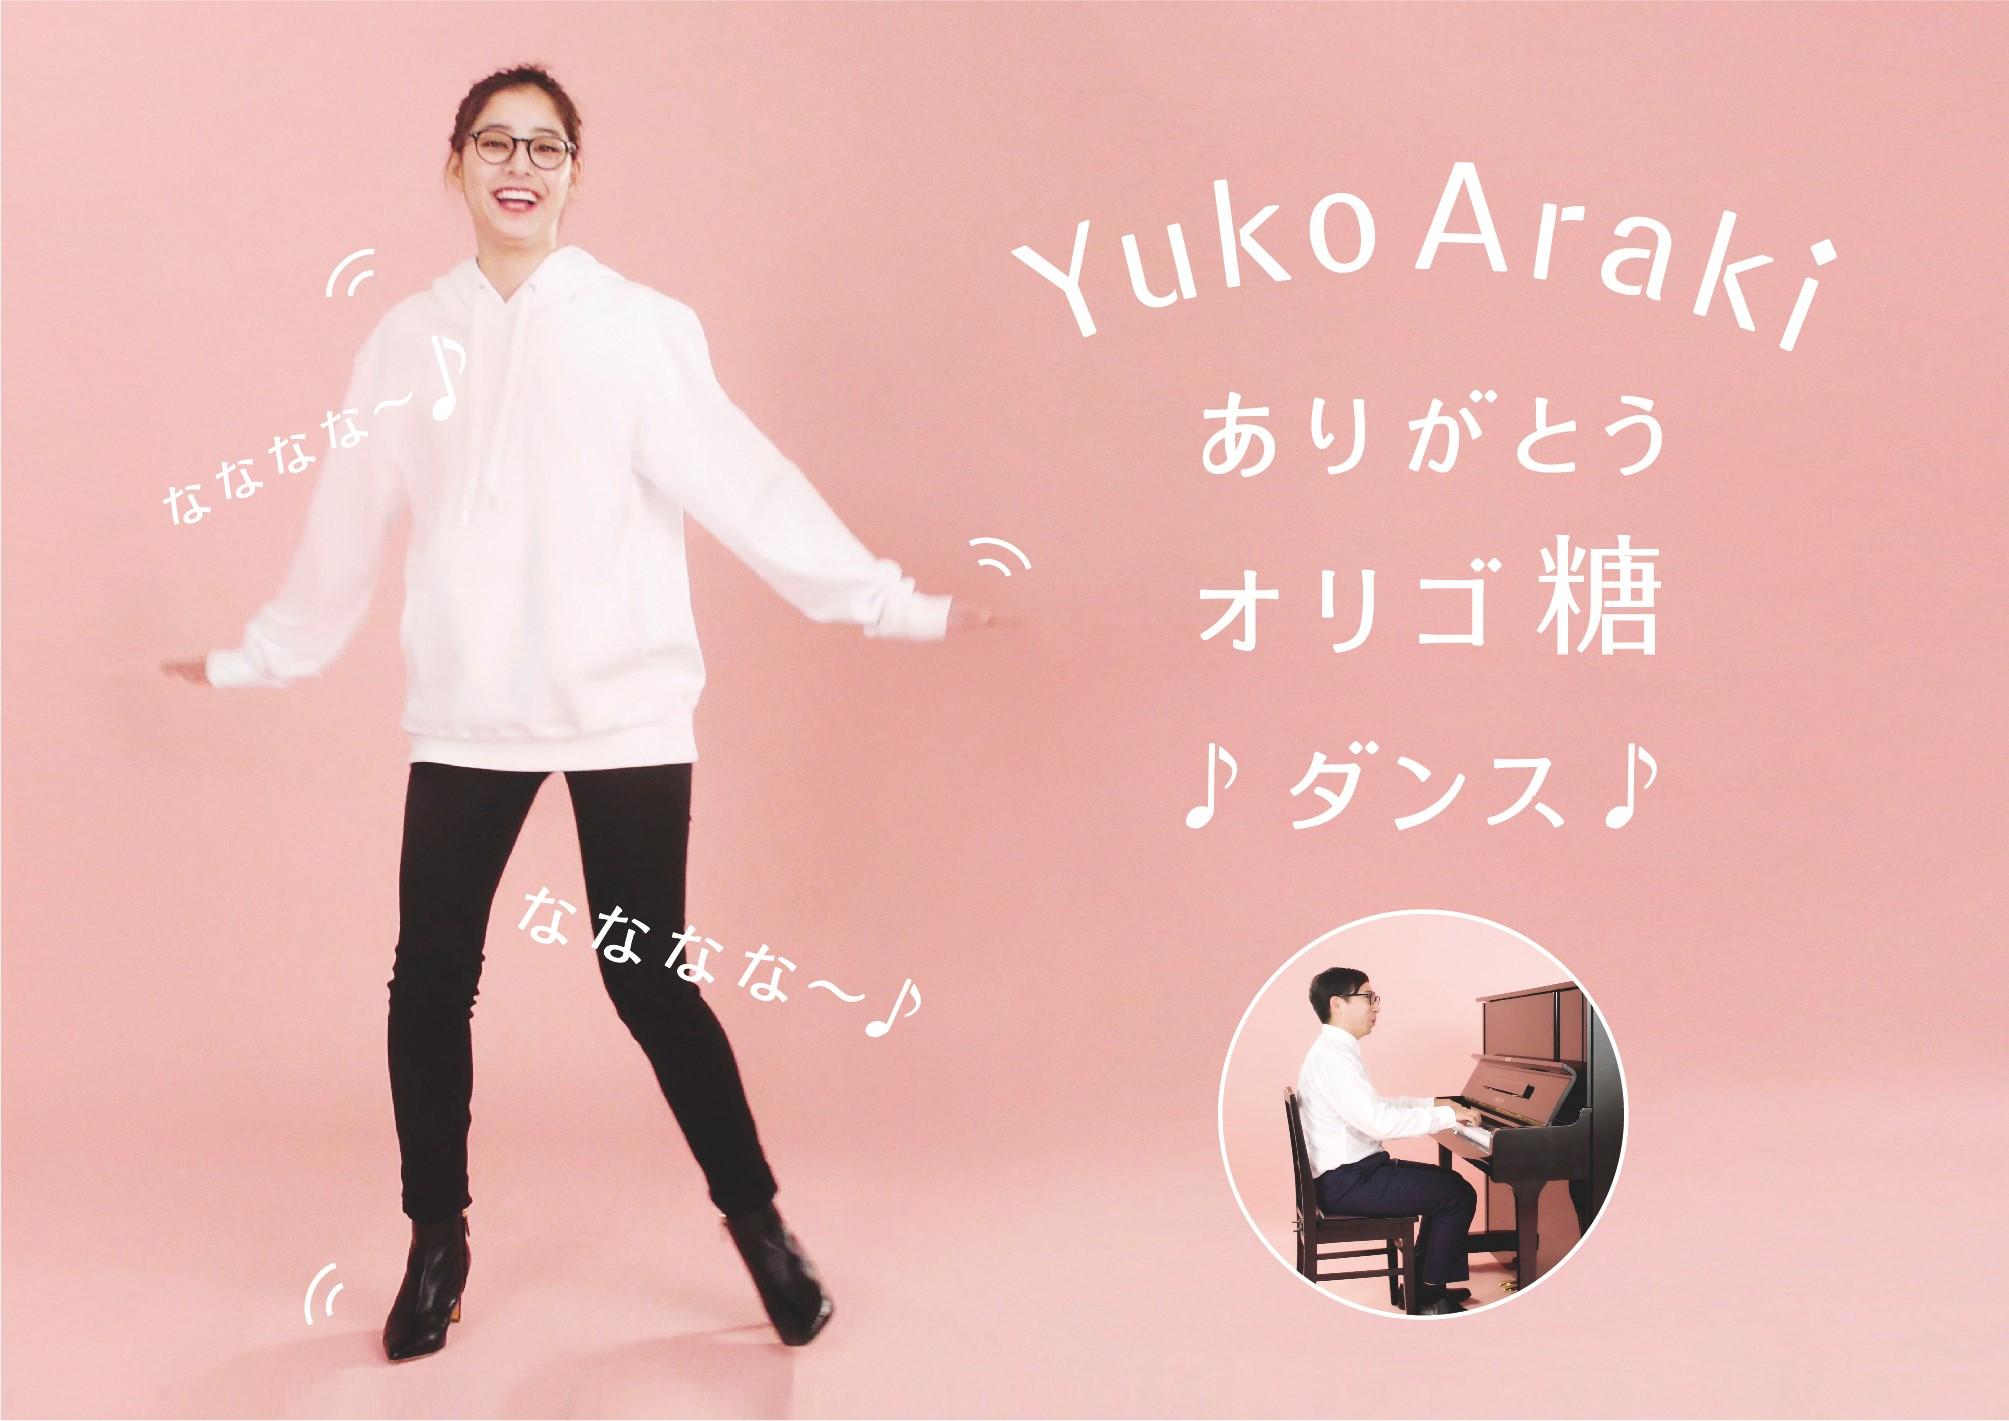 """新木優子がピアノ伴奏に合わせて""""ありがとうオリゴ糖ダンス公開!最後の最後までカワイイ笑顔"""